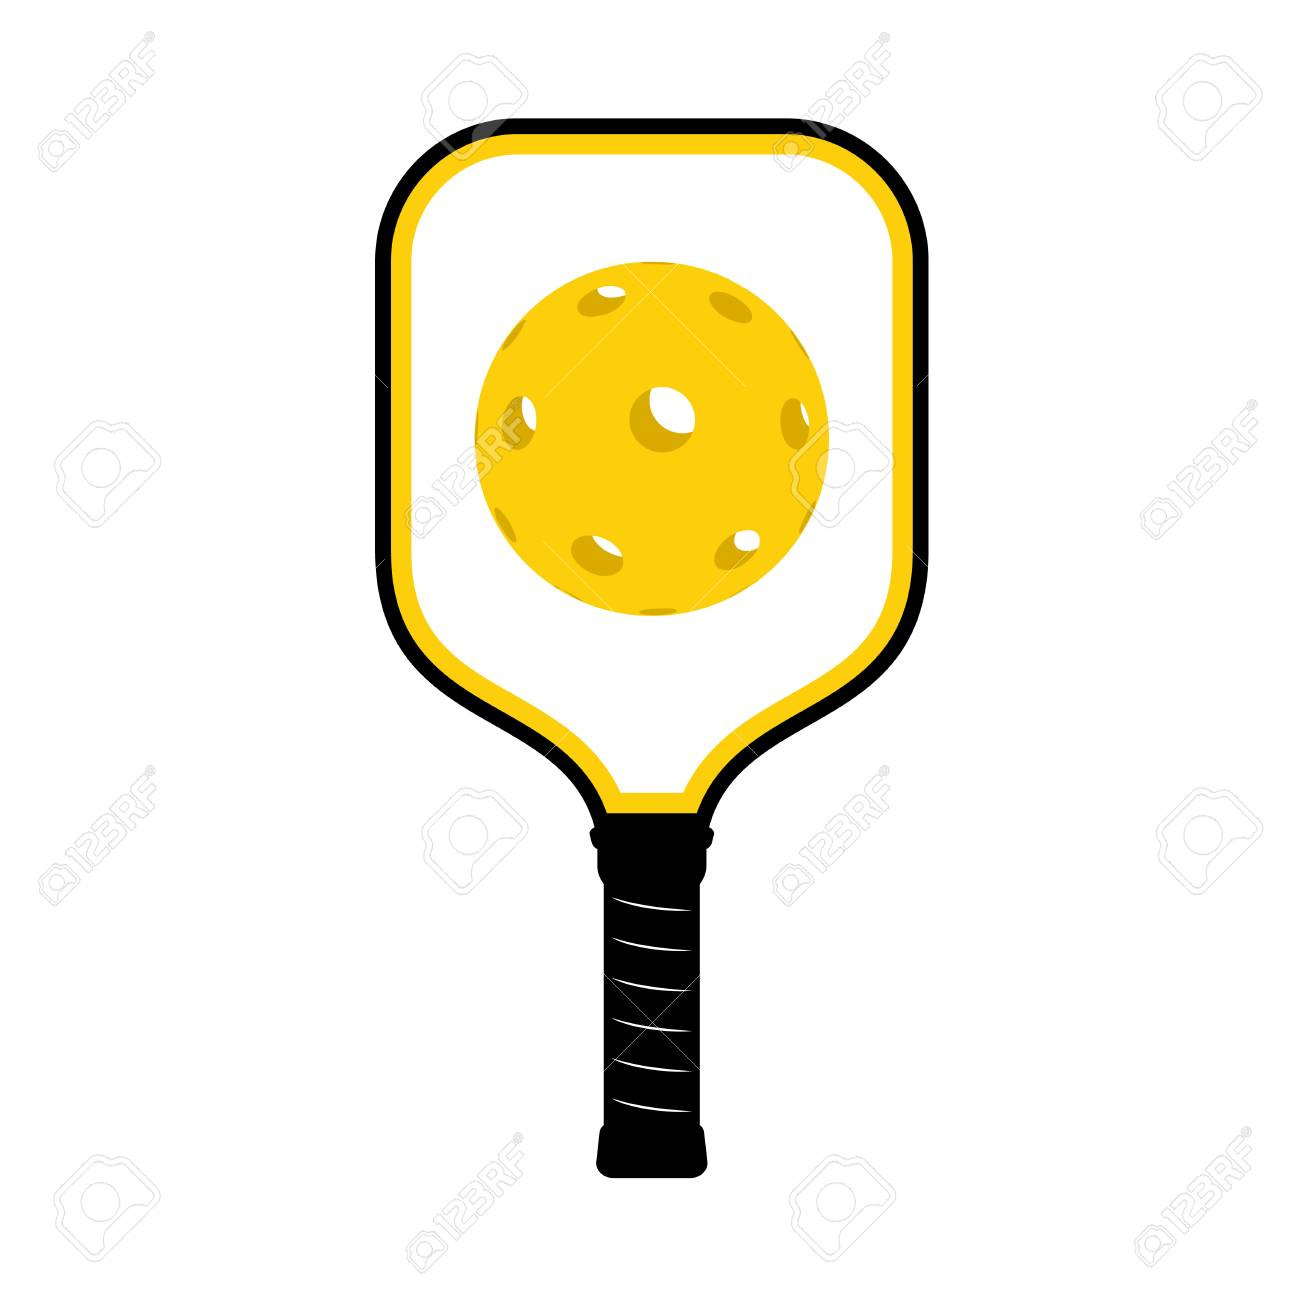 hight resolution of pickleball racket illustration stock vector 95035497